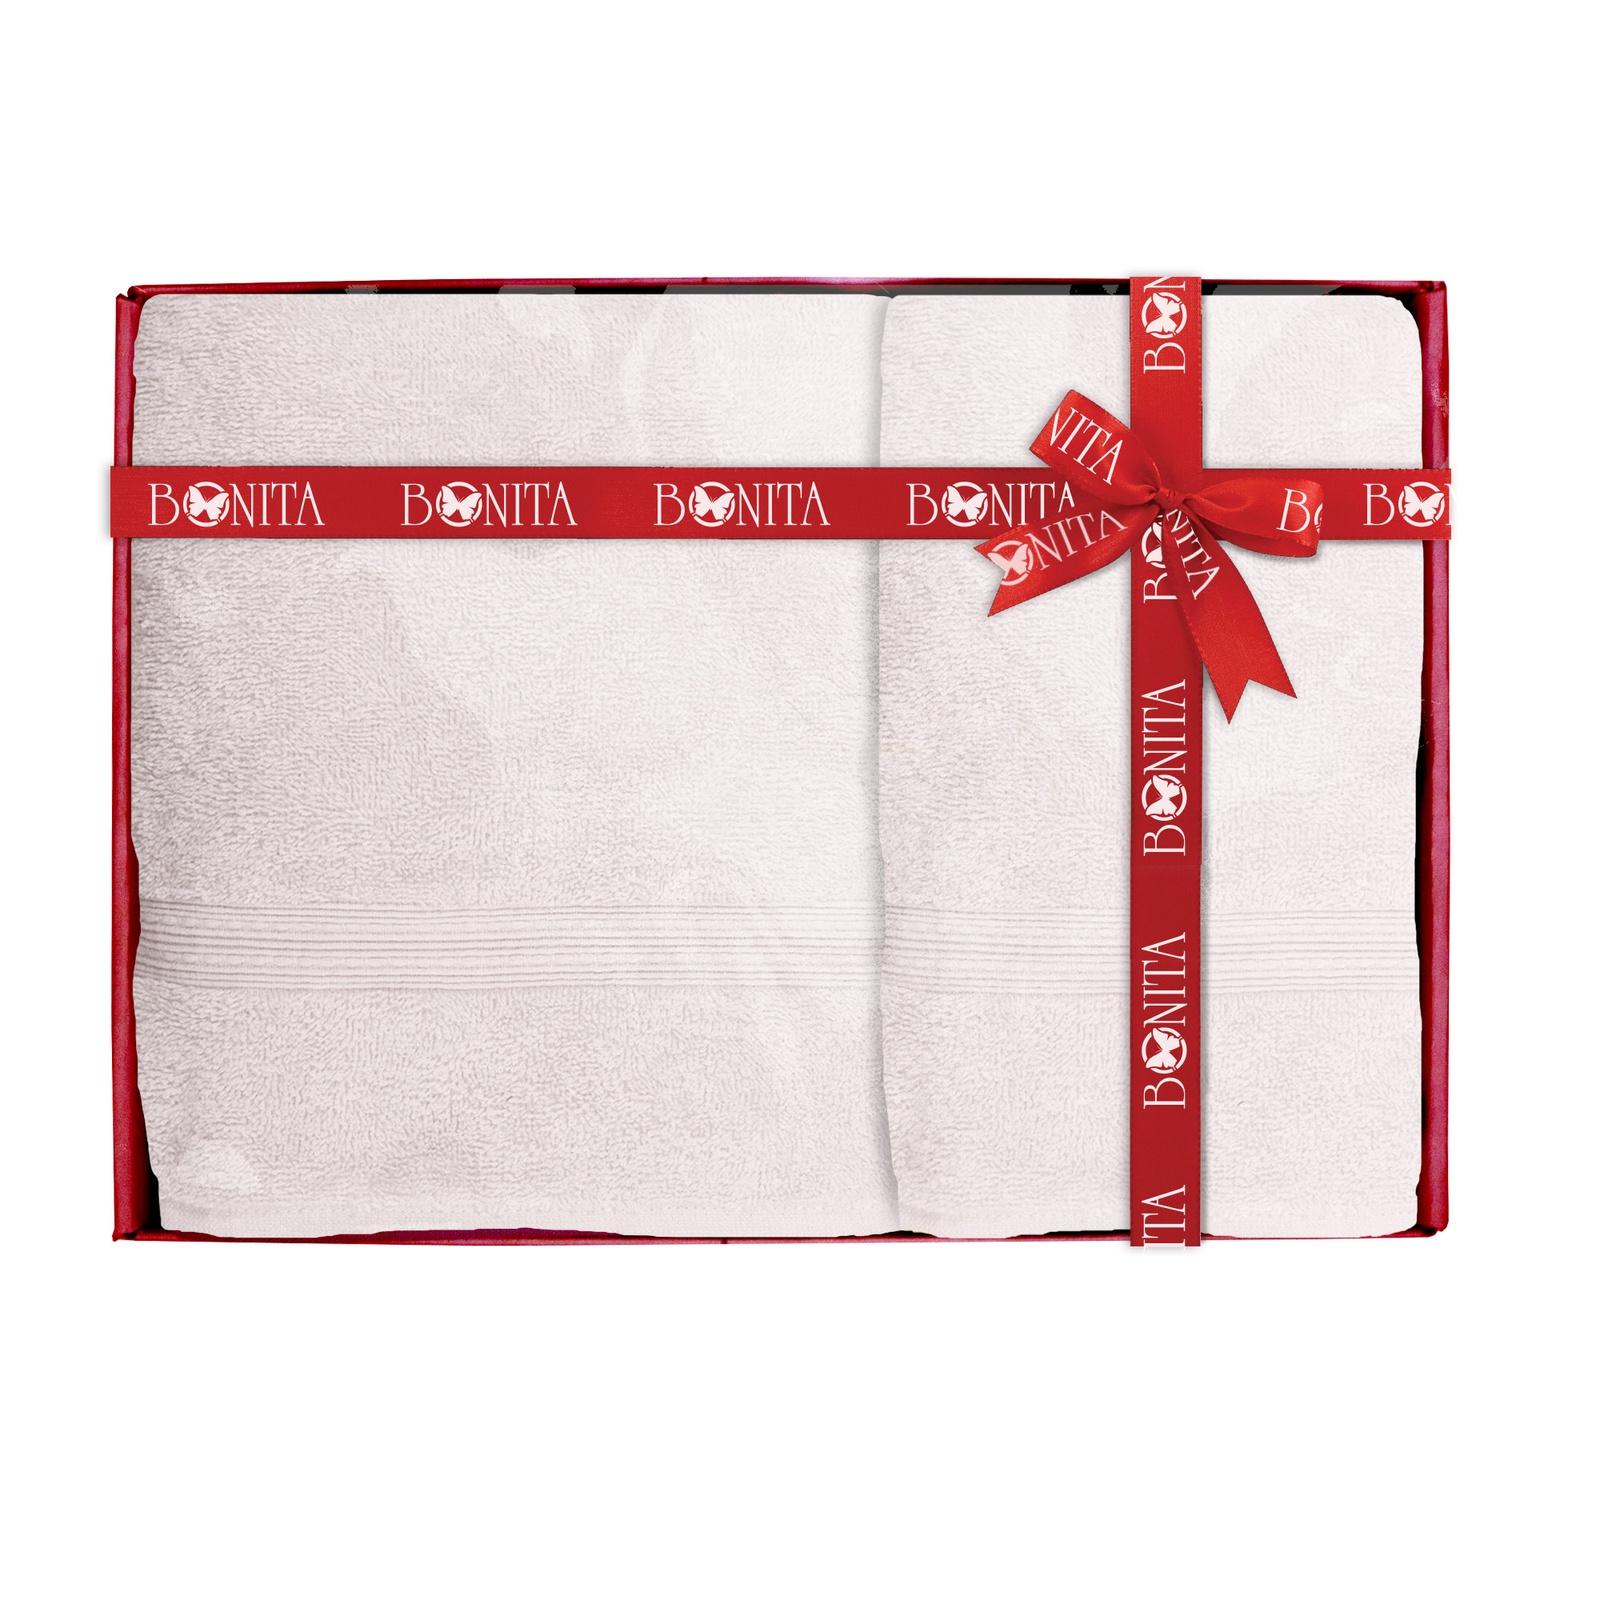 Набор банных полотенец Bonita Классик, 21010118680, светло-коричневый набор банных полотенец bonita classic цвет светло бежевый 70 х 140 см 2 шт